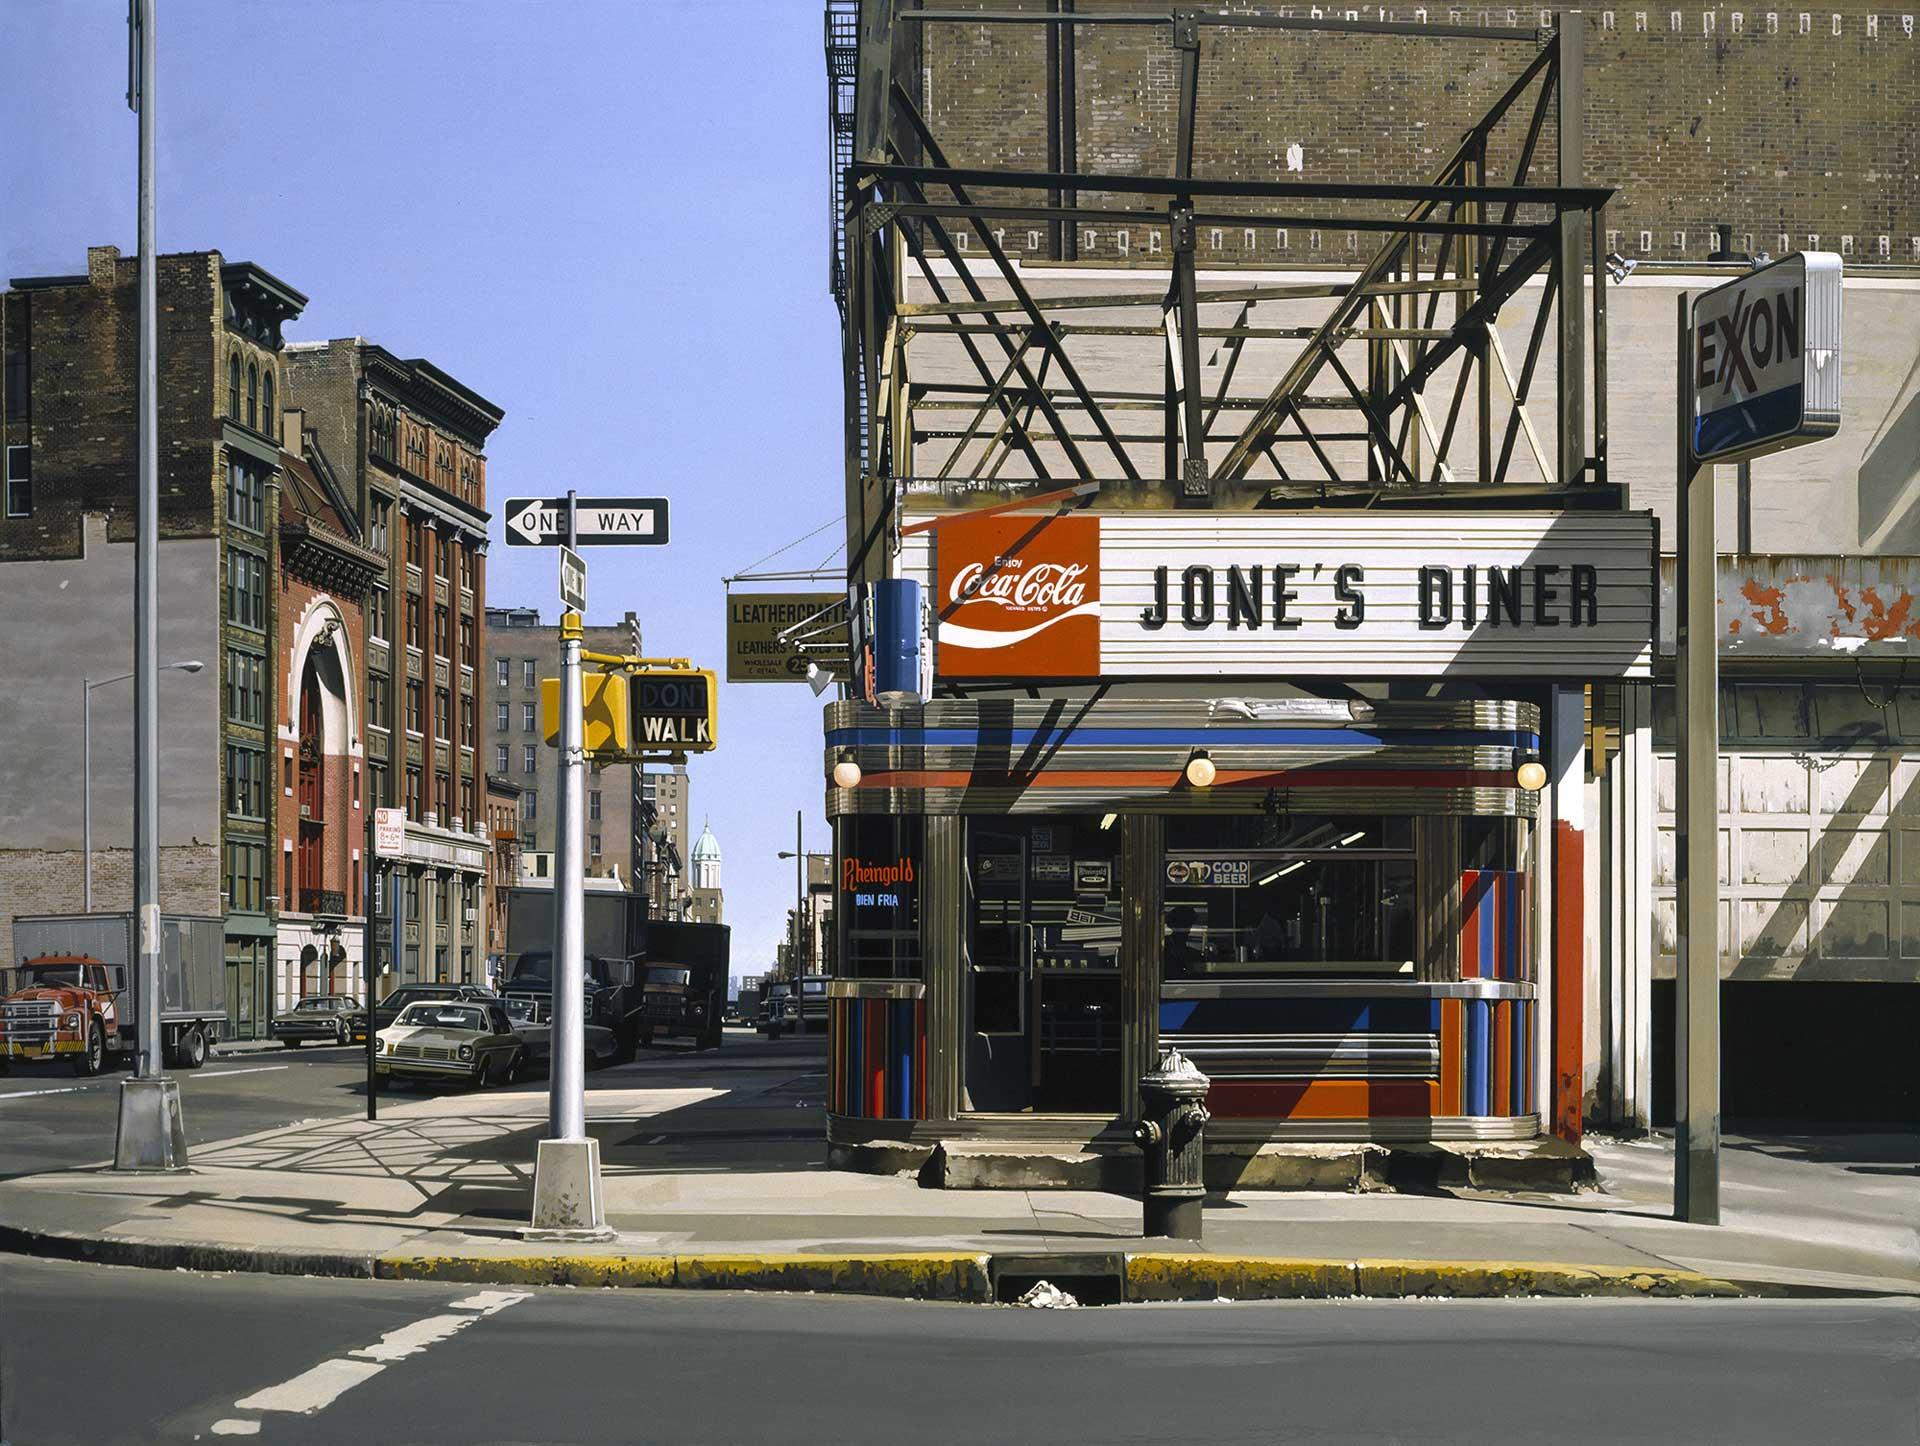 Jones Diner, 1979